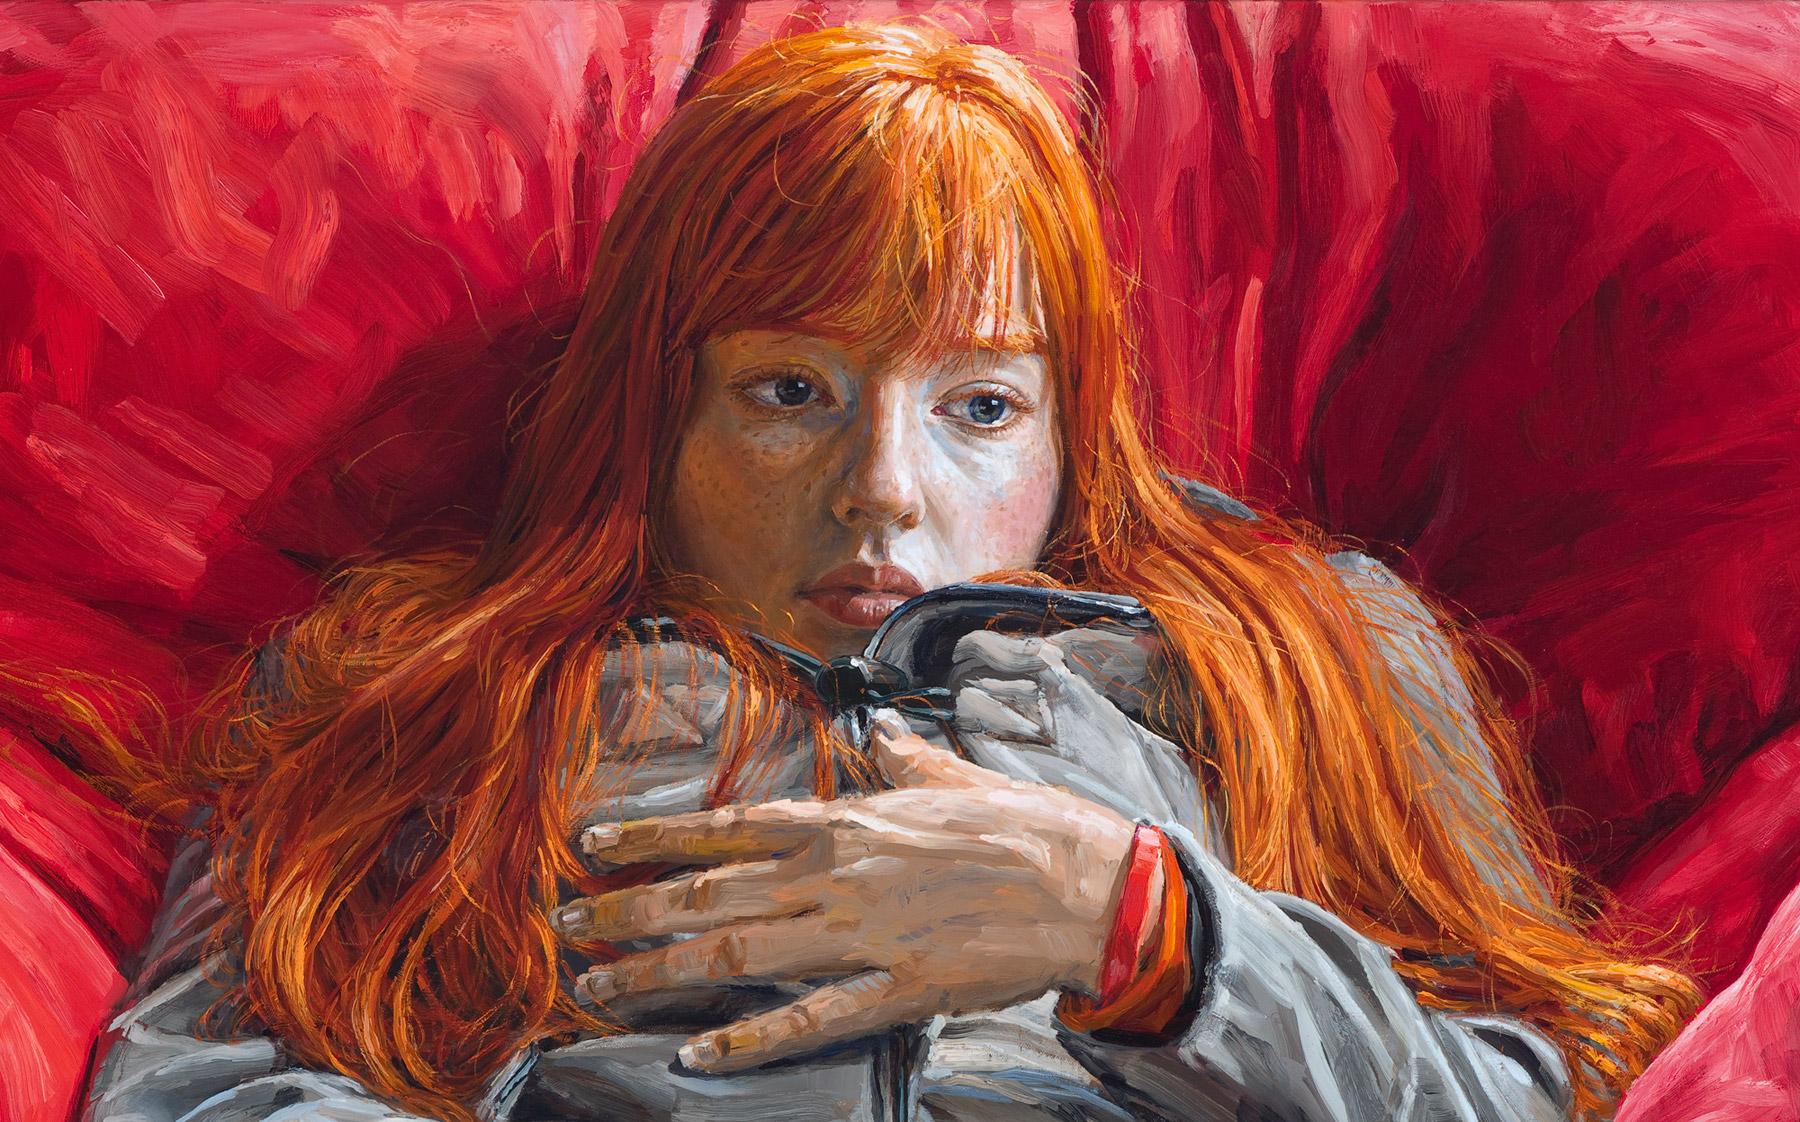 michele del campo, redhead, detail